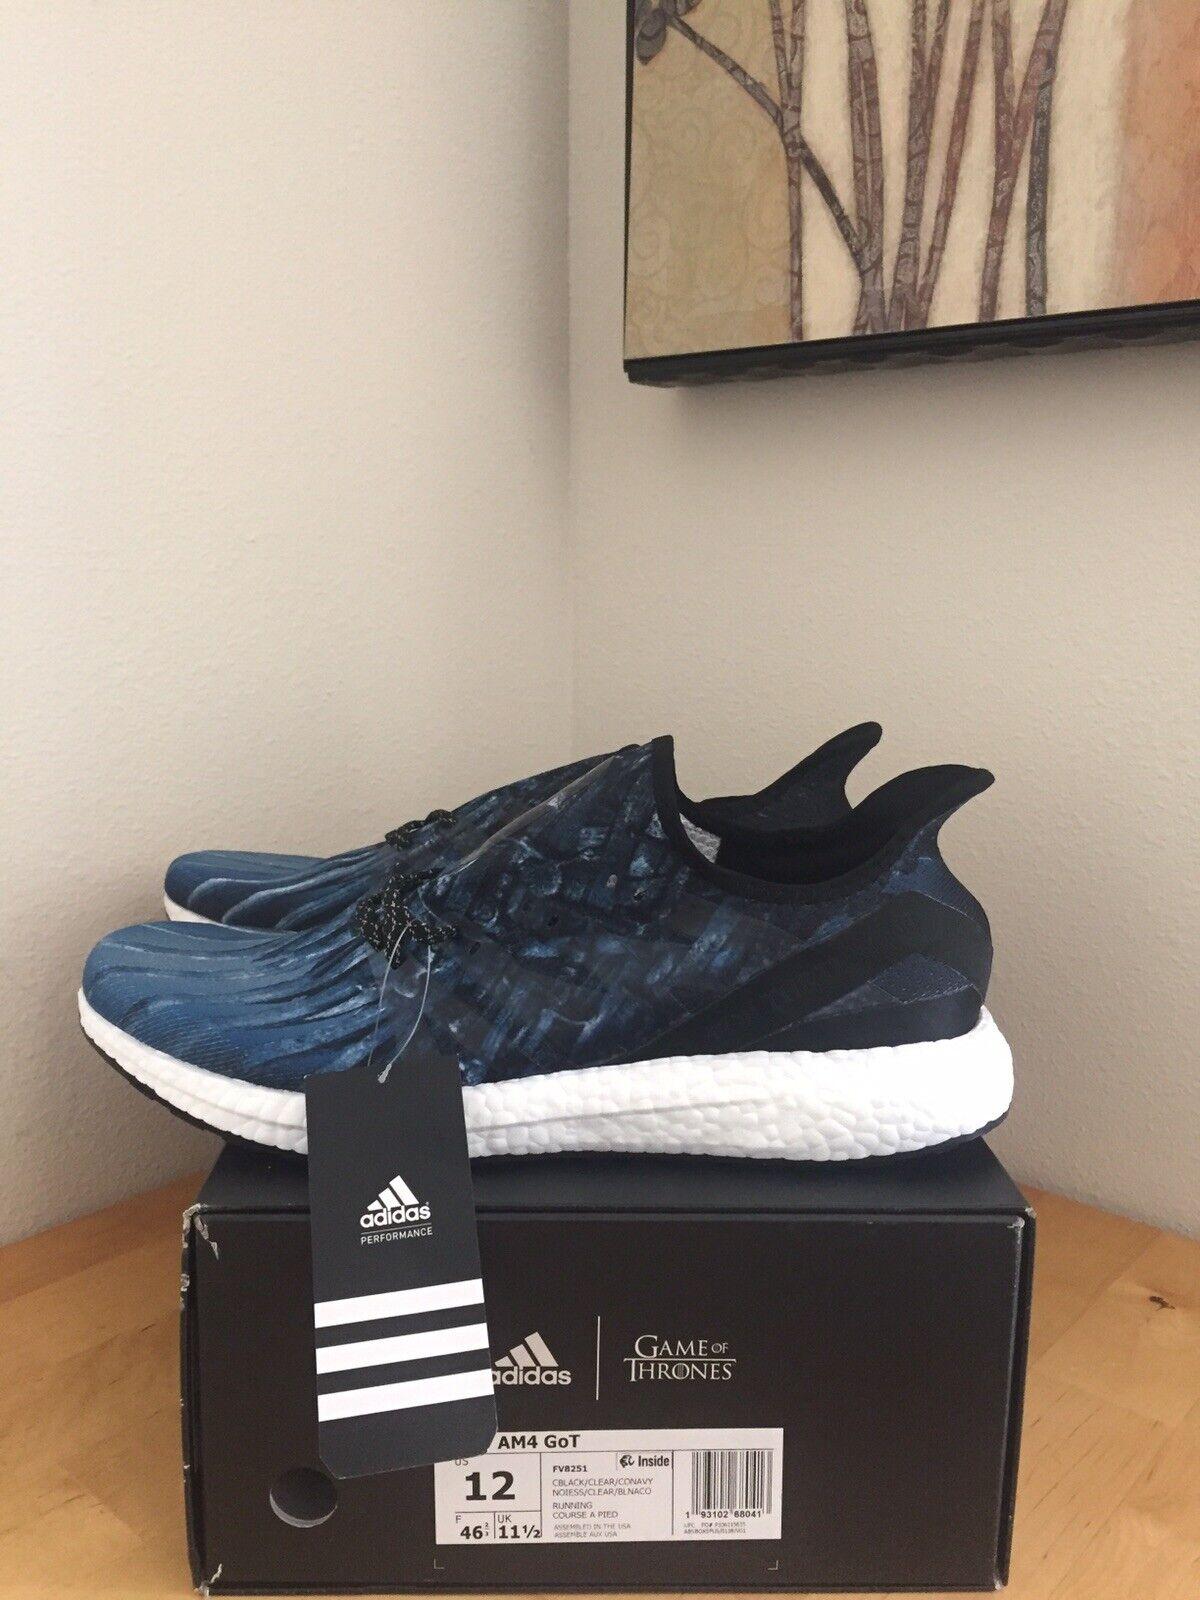 Adidas x Game of Thrones AM4 Ultra Boosts  New in Box taglie 8.5 e 12  miglior reputazione